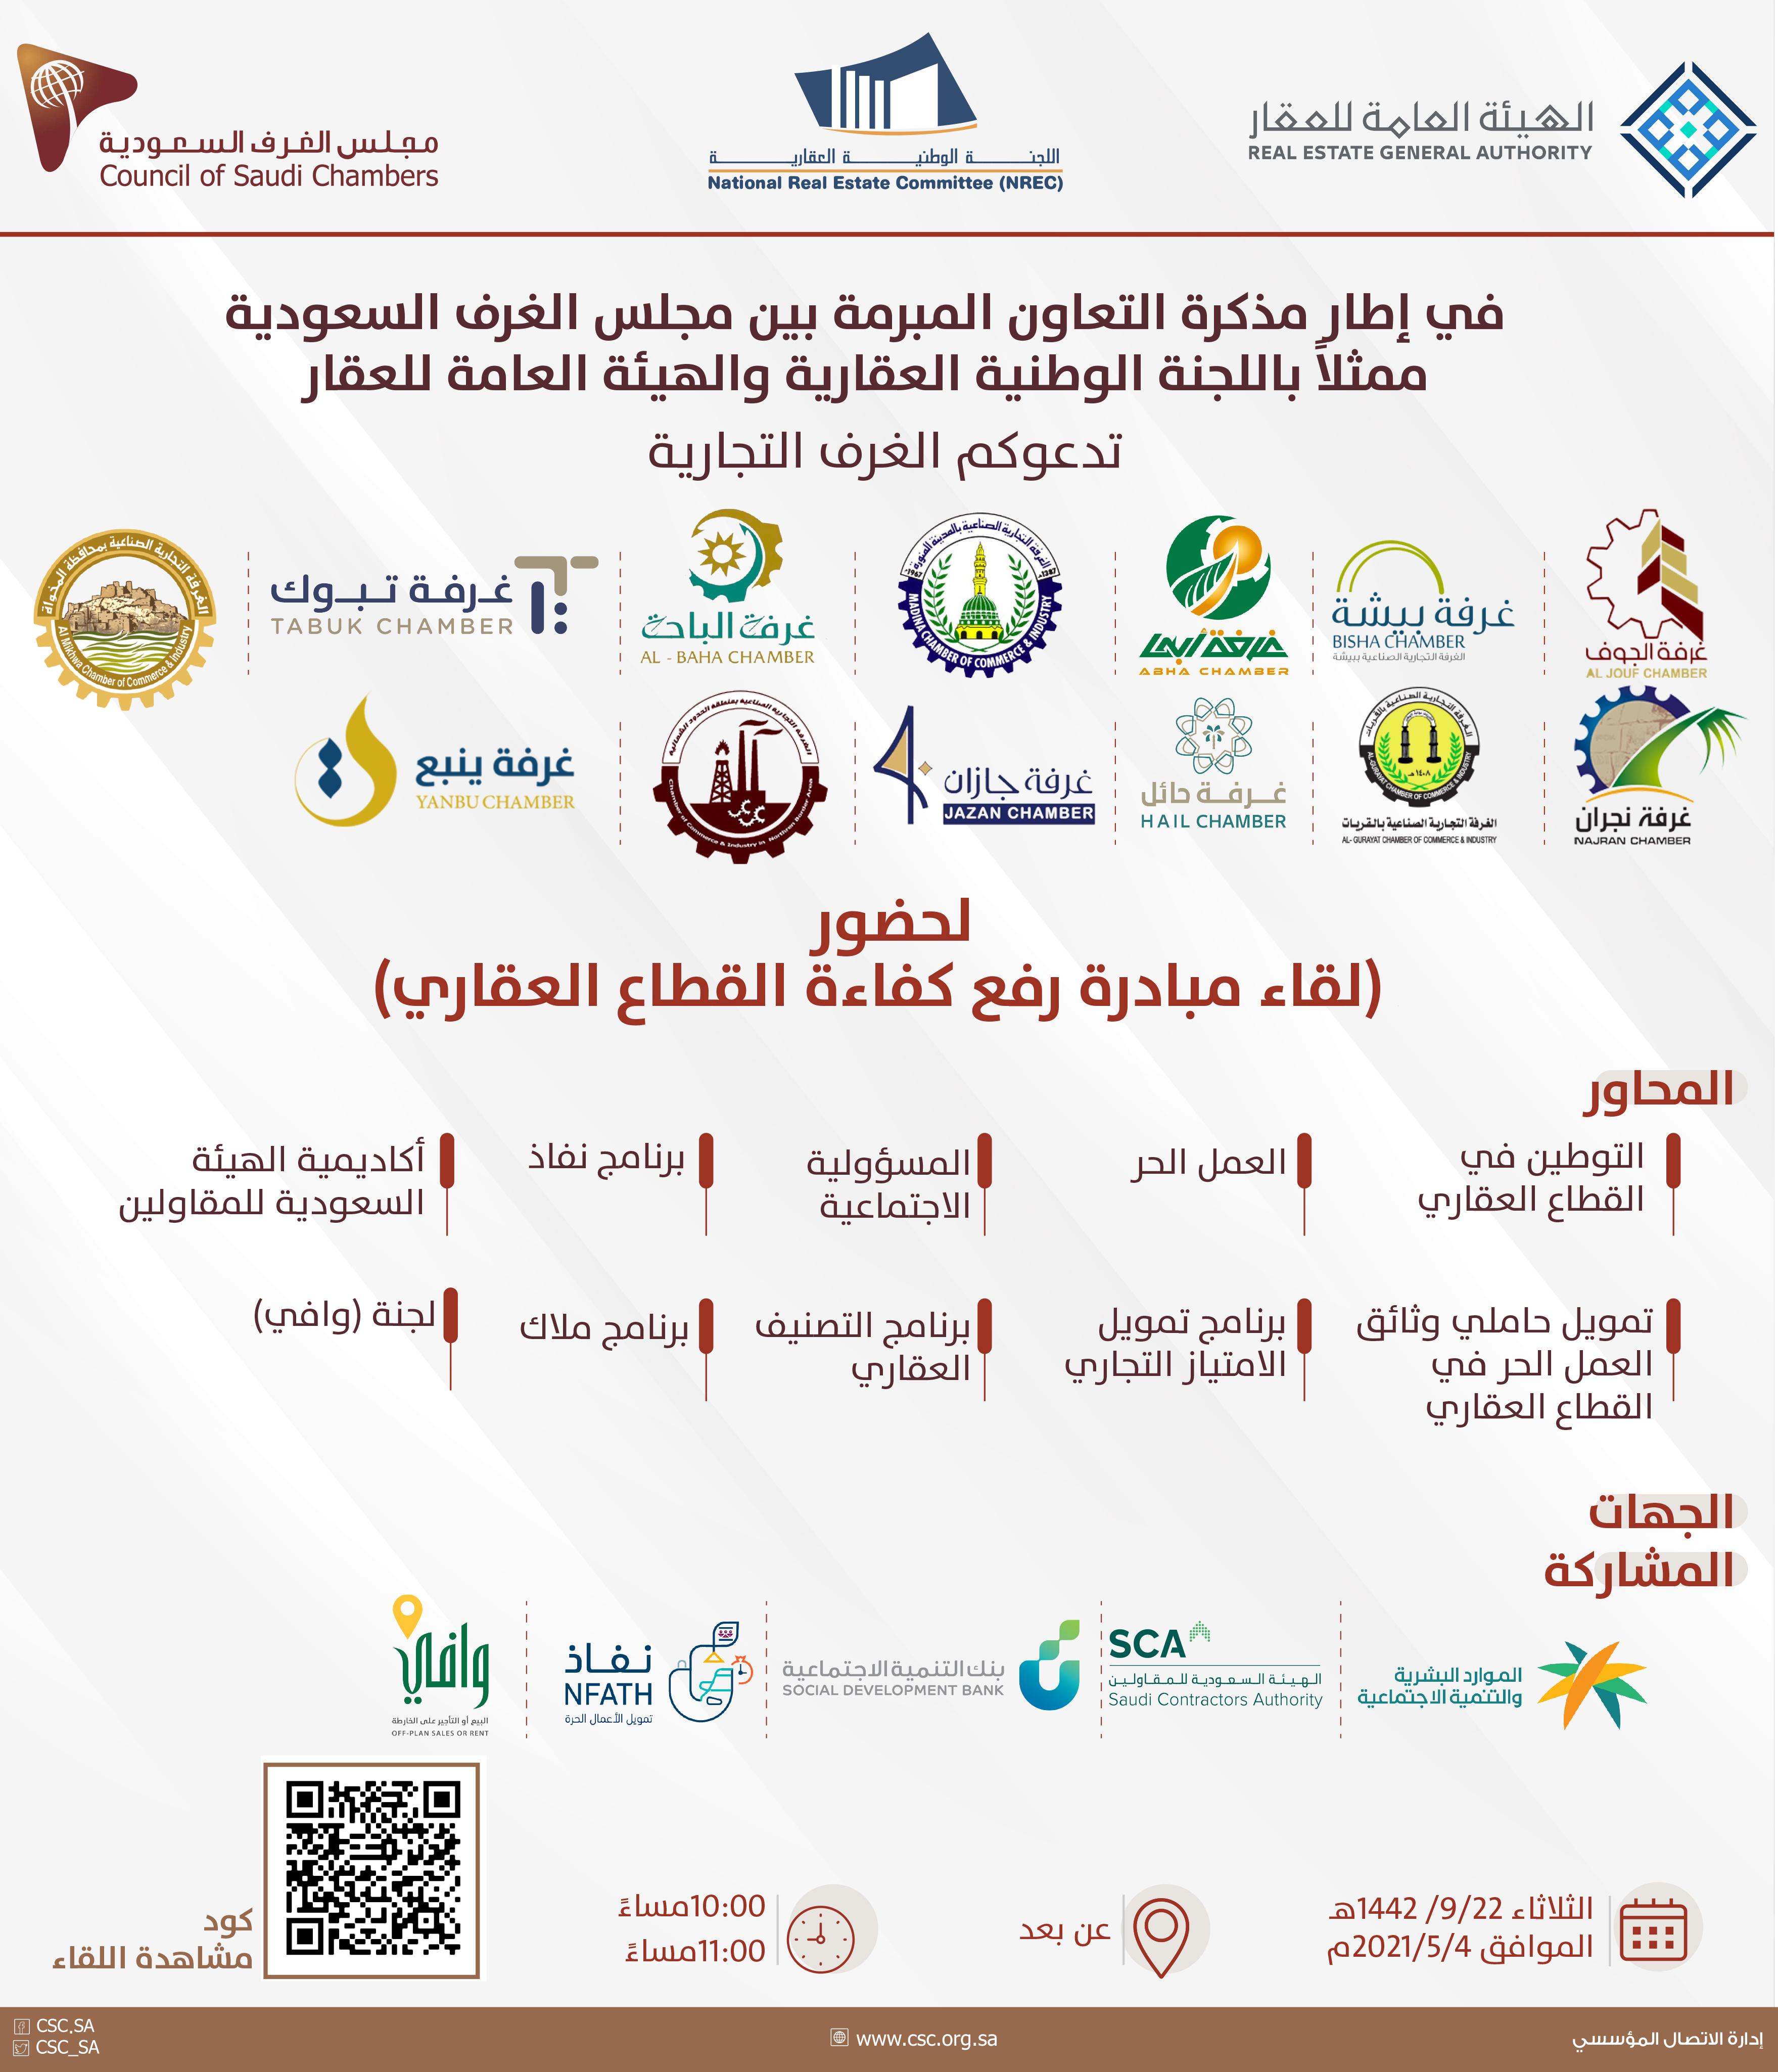 لقاء مبادرة رفع كفاءة القطاع العقاري